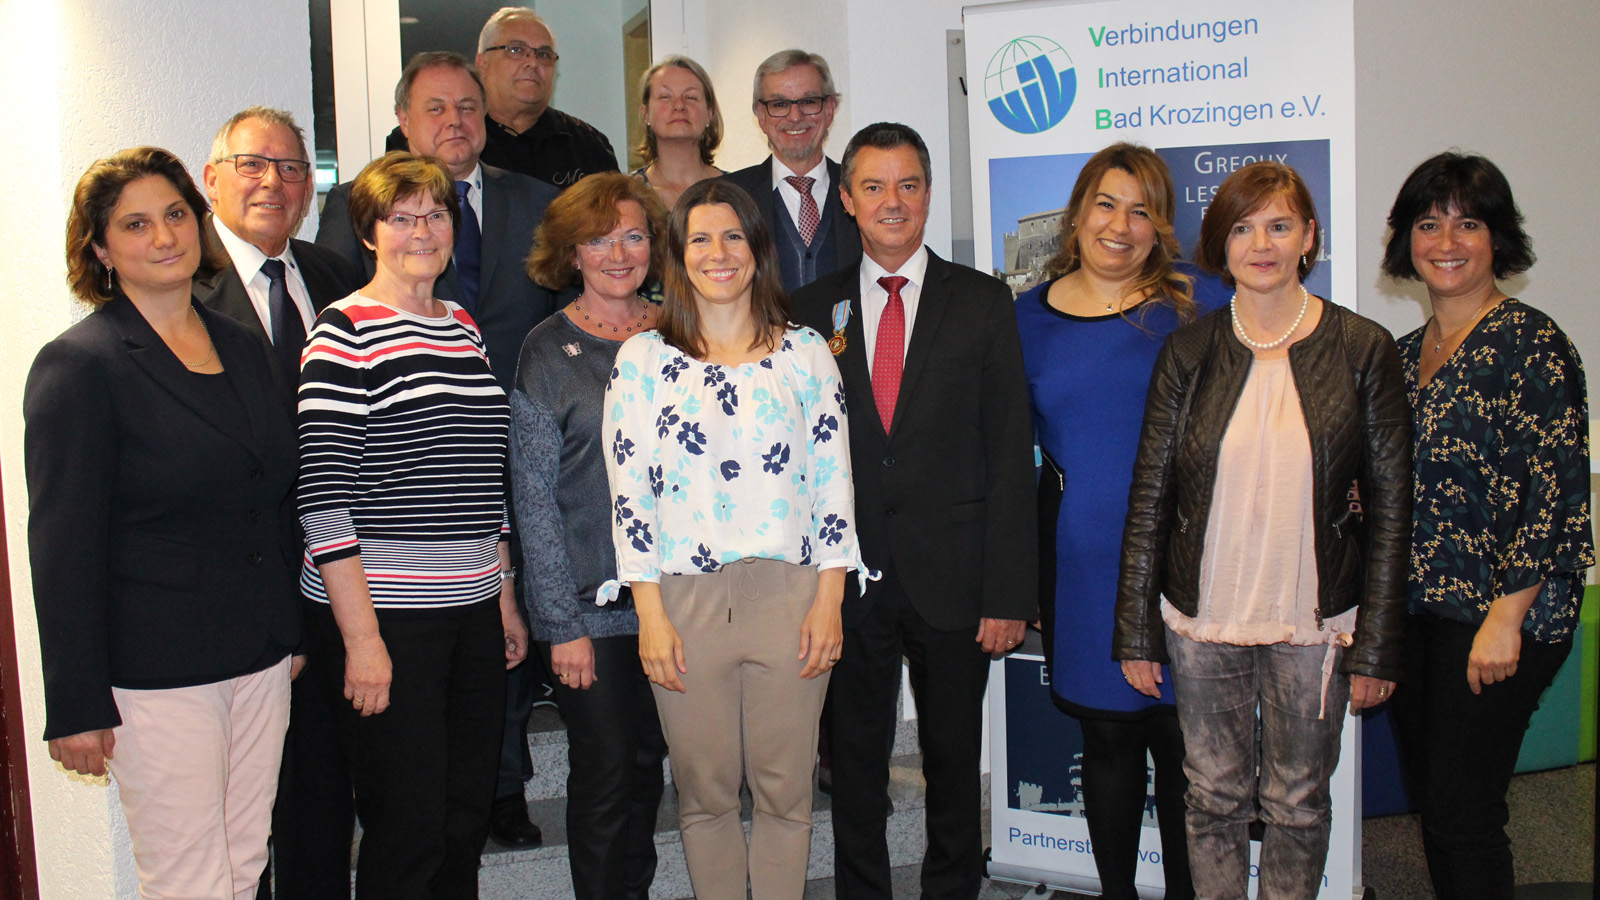 Bild vom neu gewählten VIB-Vorstand 2017